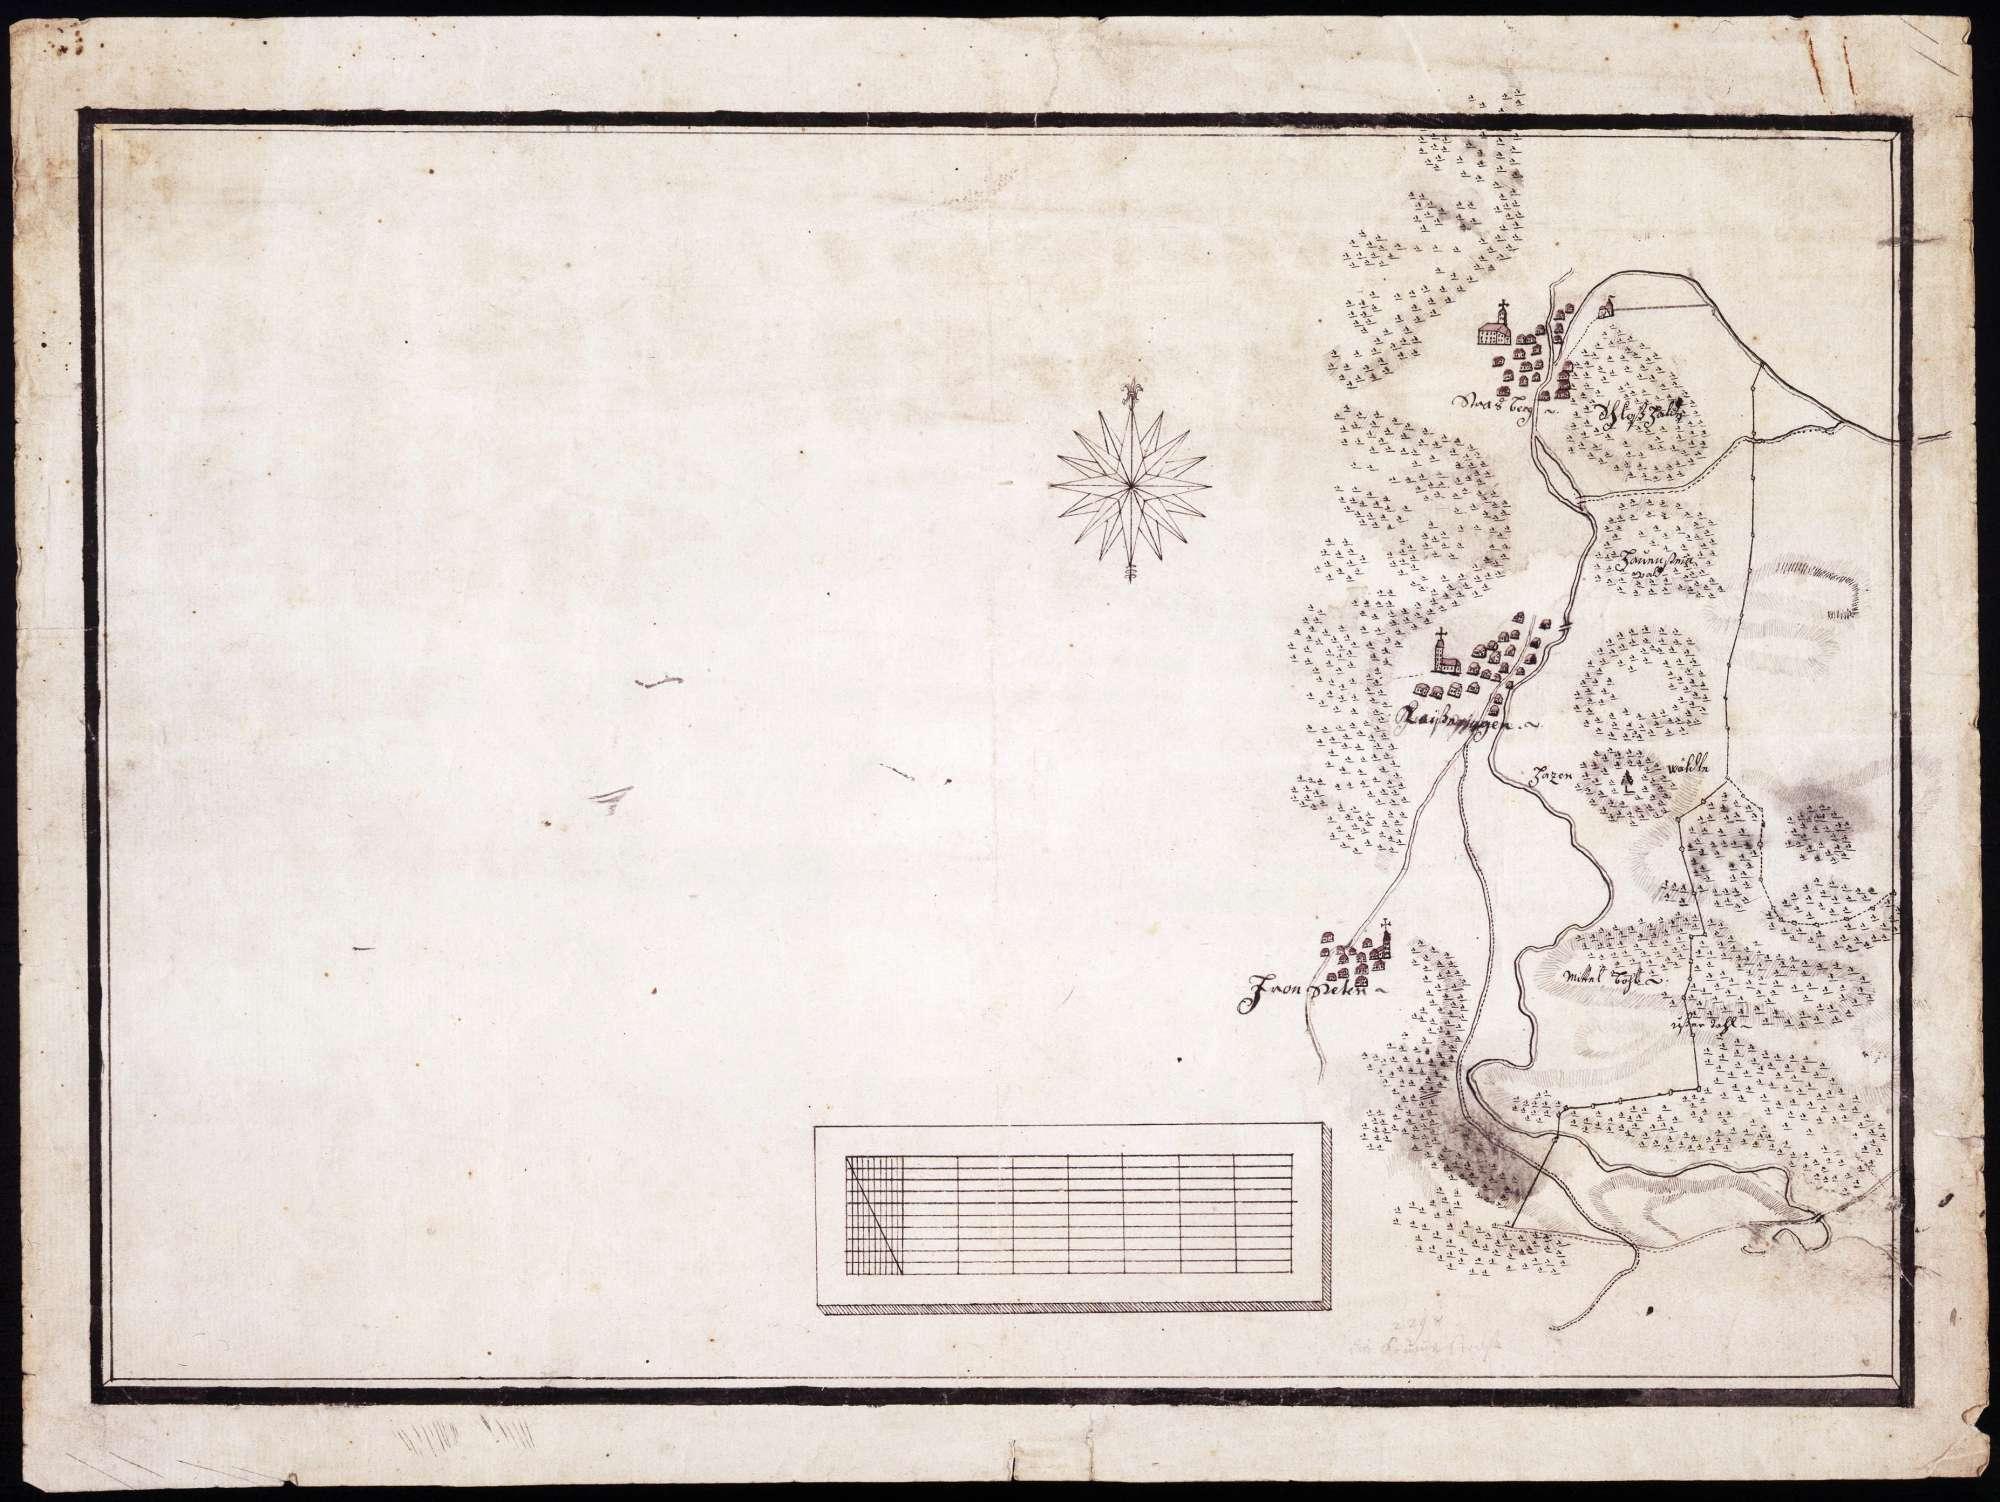 Lageplan von Straßberg, Kaiseringen und Frohnstetten, Bild 2